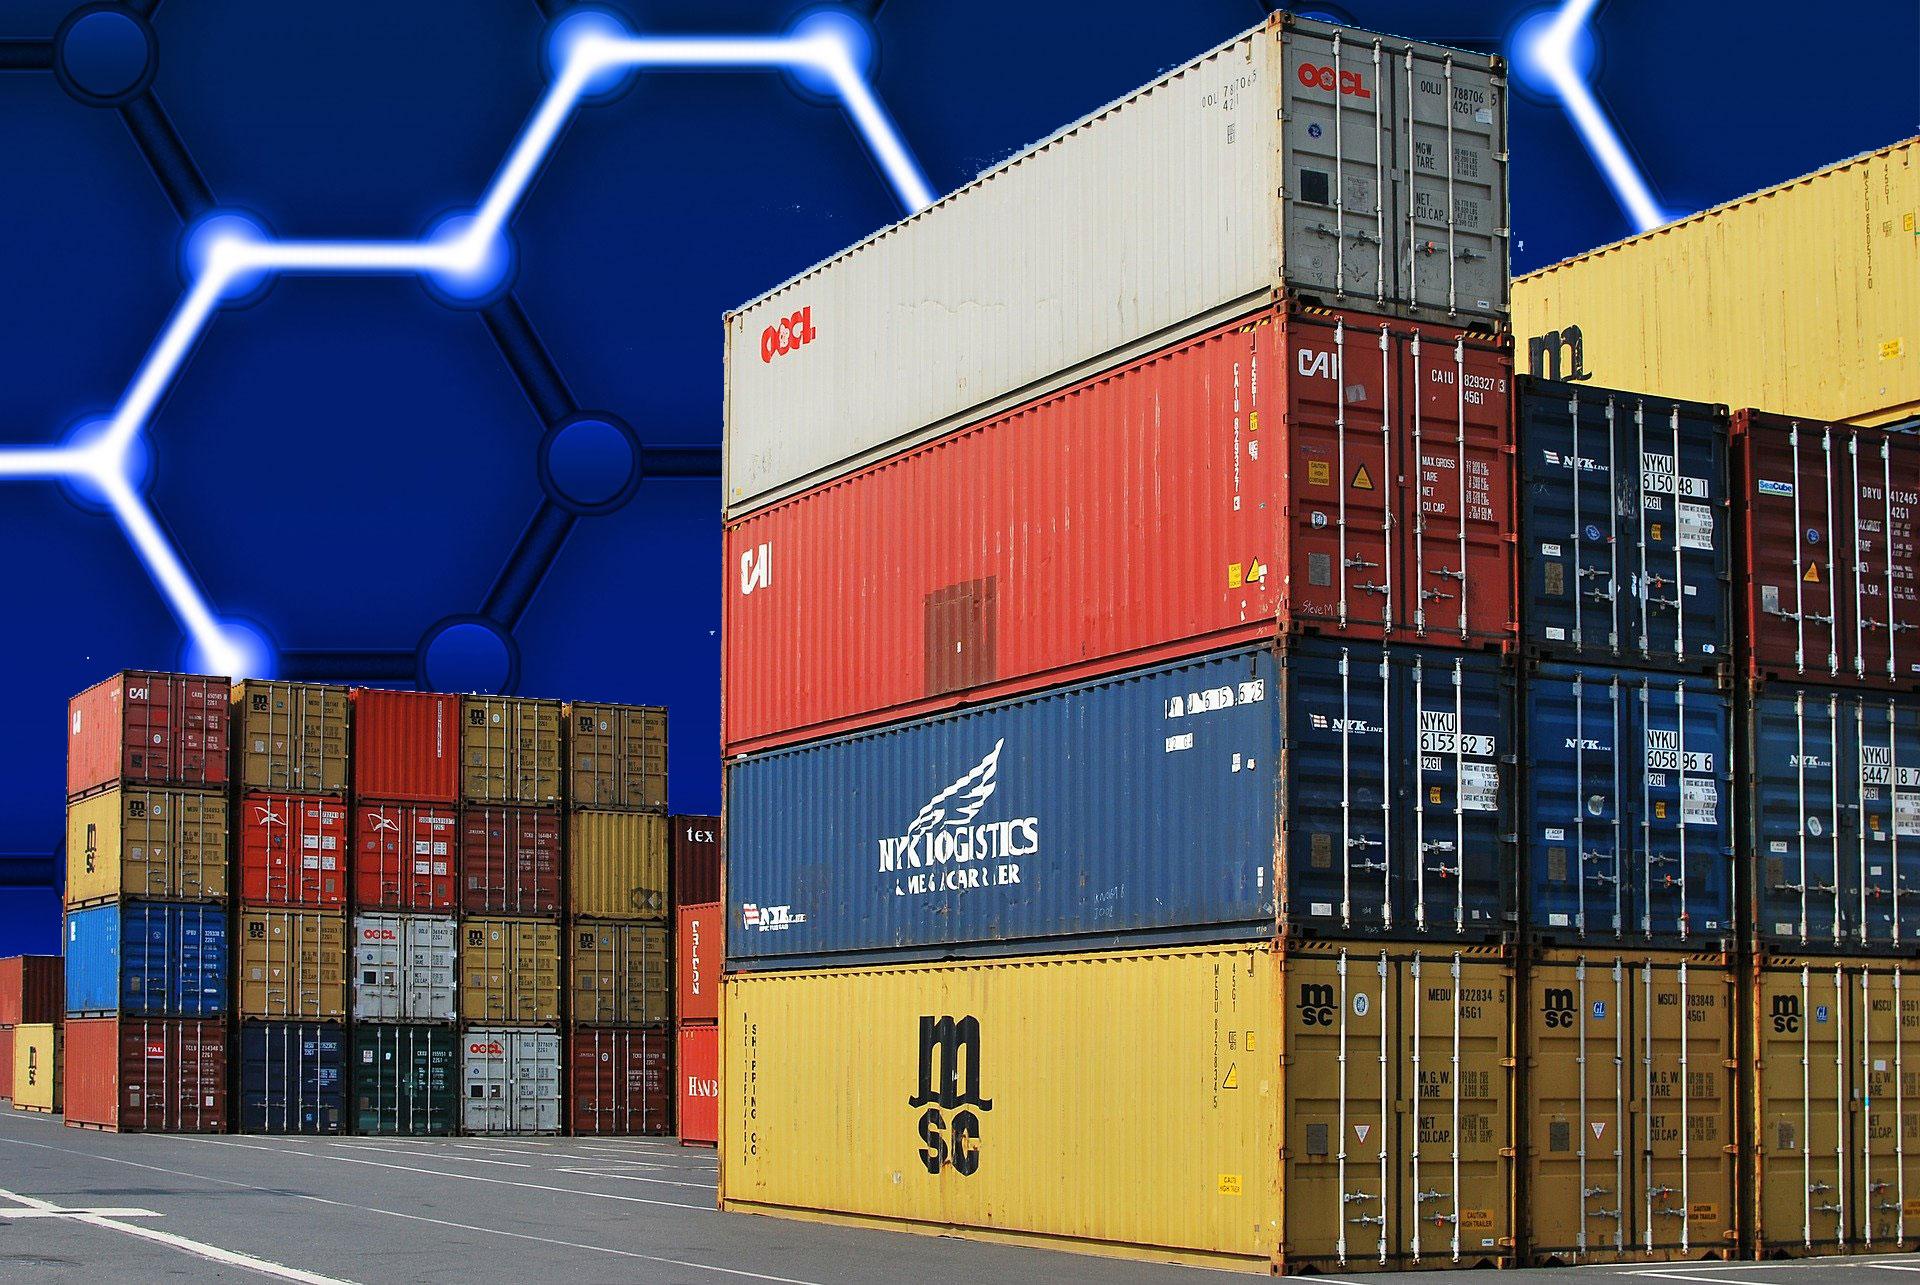 シンガポール政府とICCが貿易のデジタル化に向け日本の金融機関などと協定